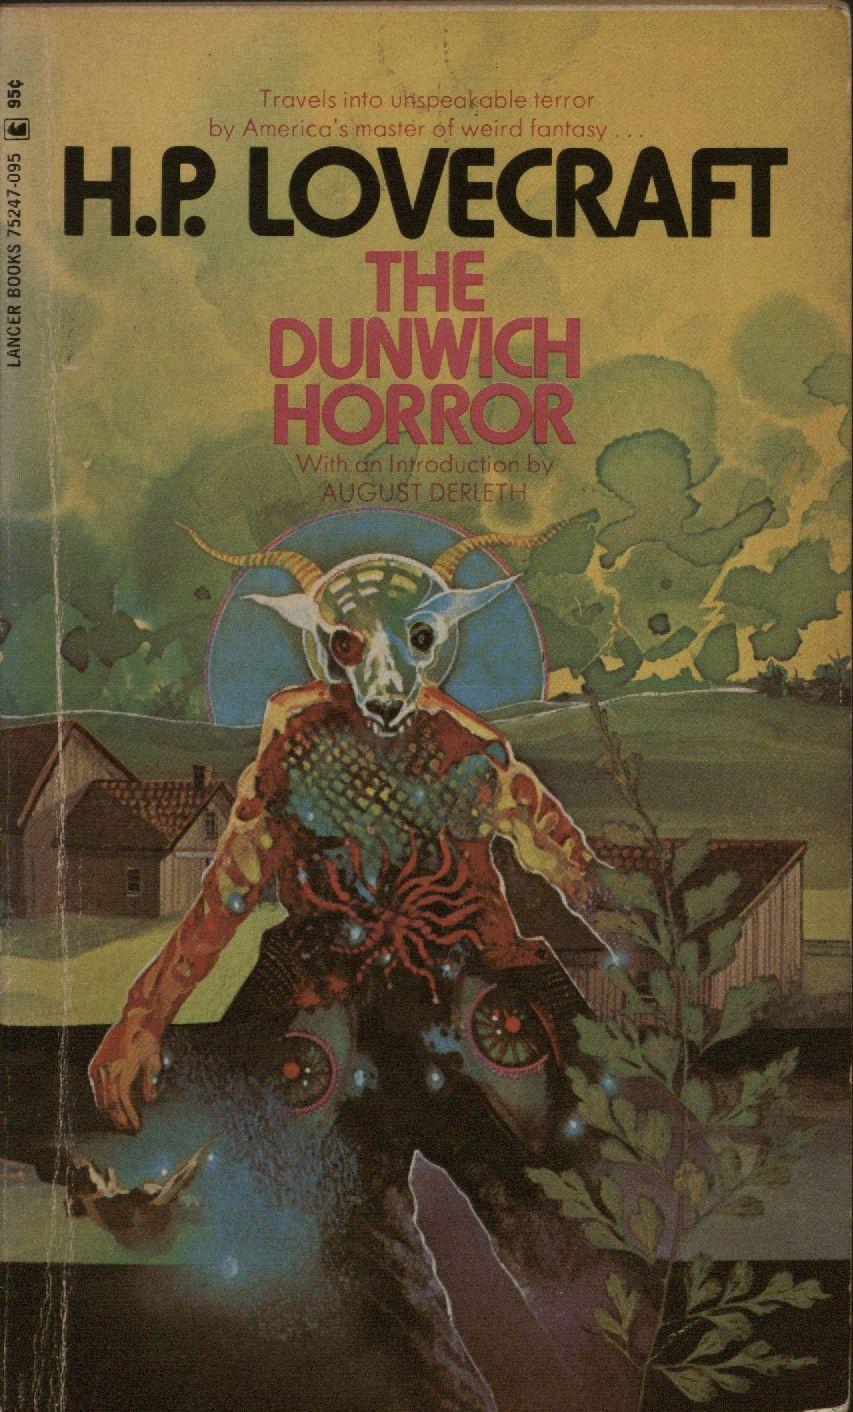 horror-de-dunwich-lovecraft-tertulia-literaria-madrid-gratis-ciervo-blanco